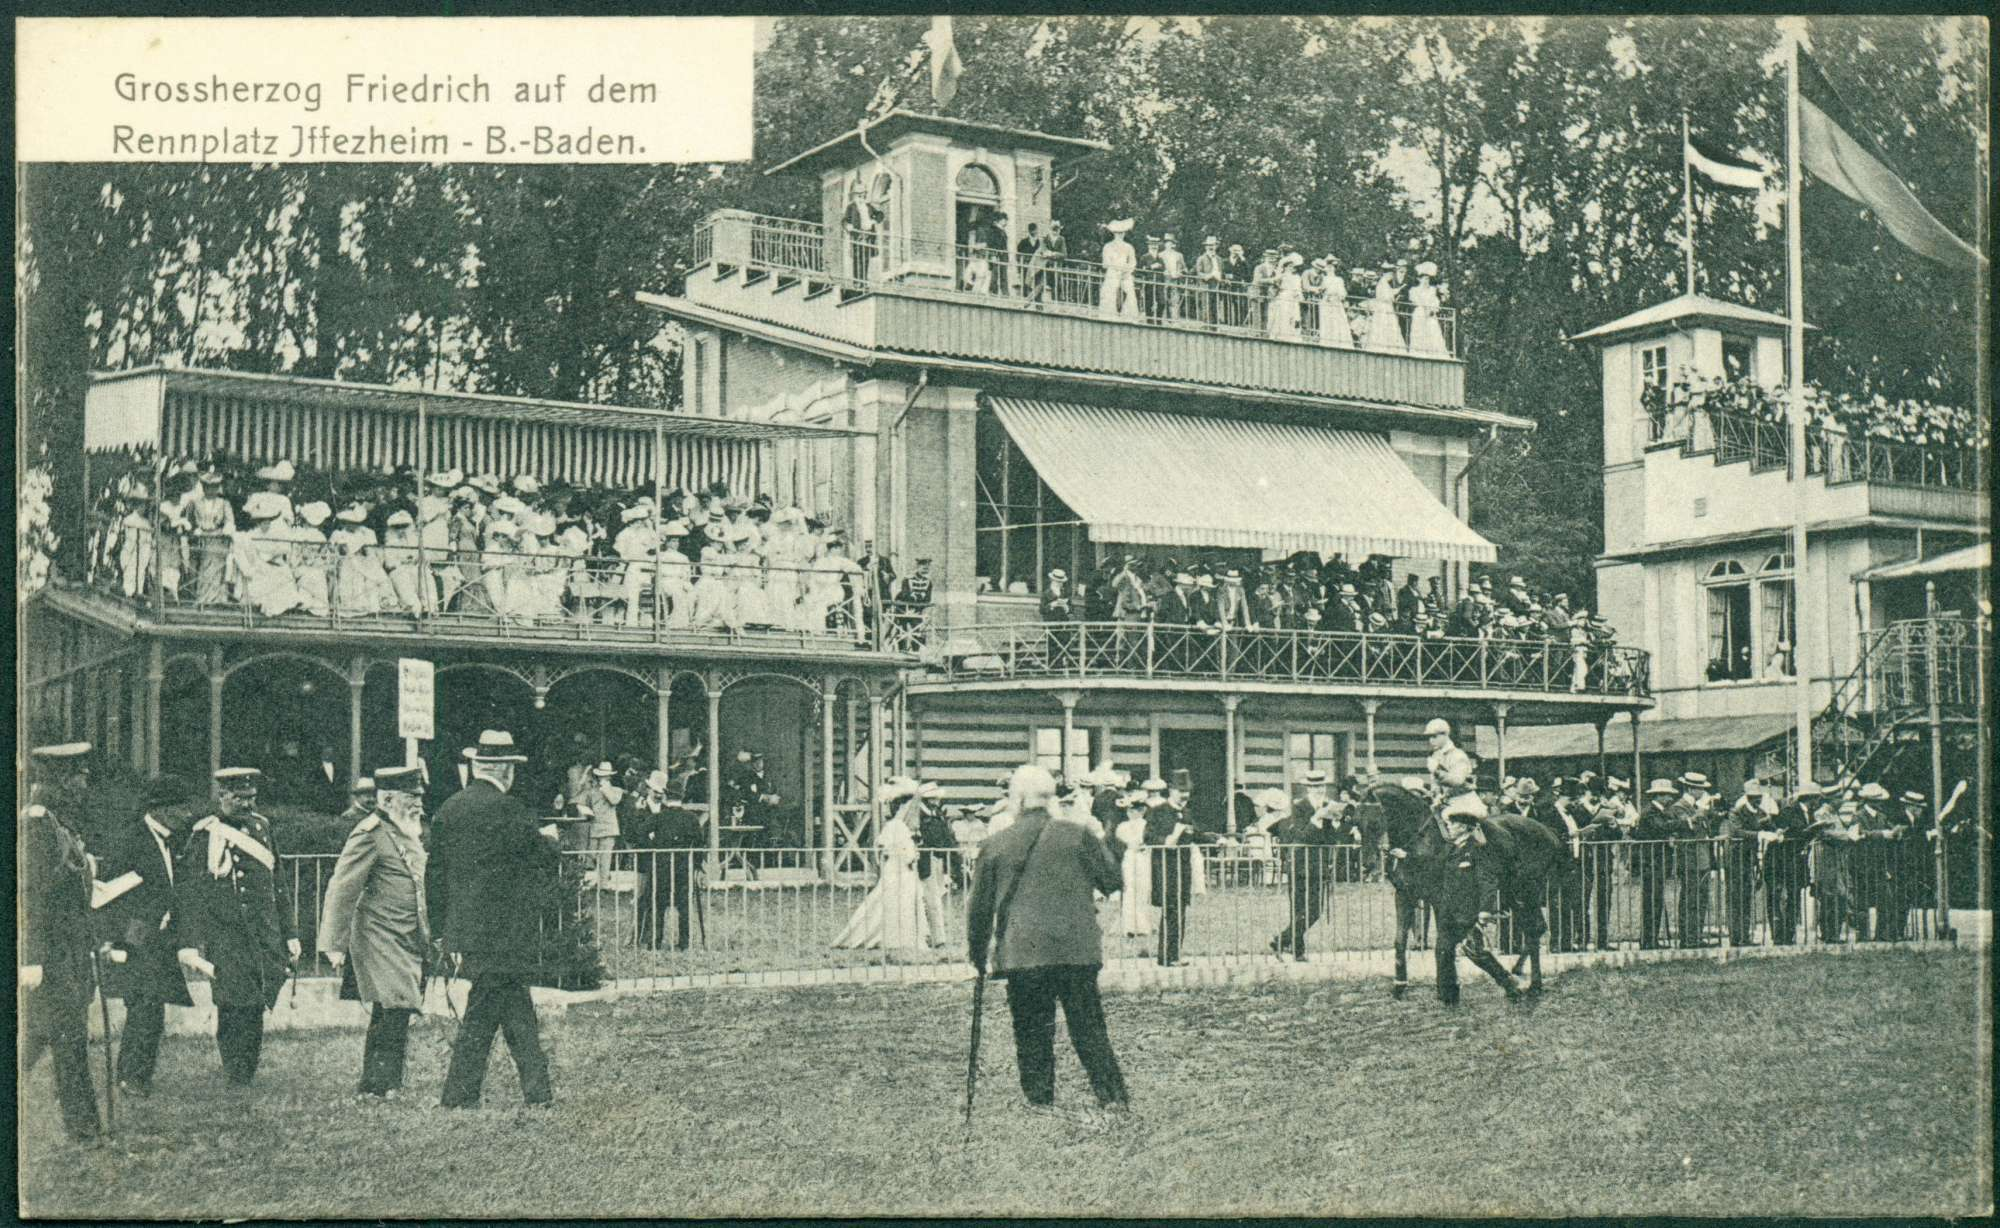 Baden-Baden-Iffezheim, Großherzog Friedrich I. auf der Pferderennbahn., Bild 1